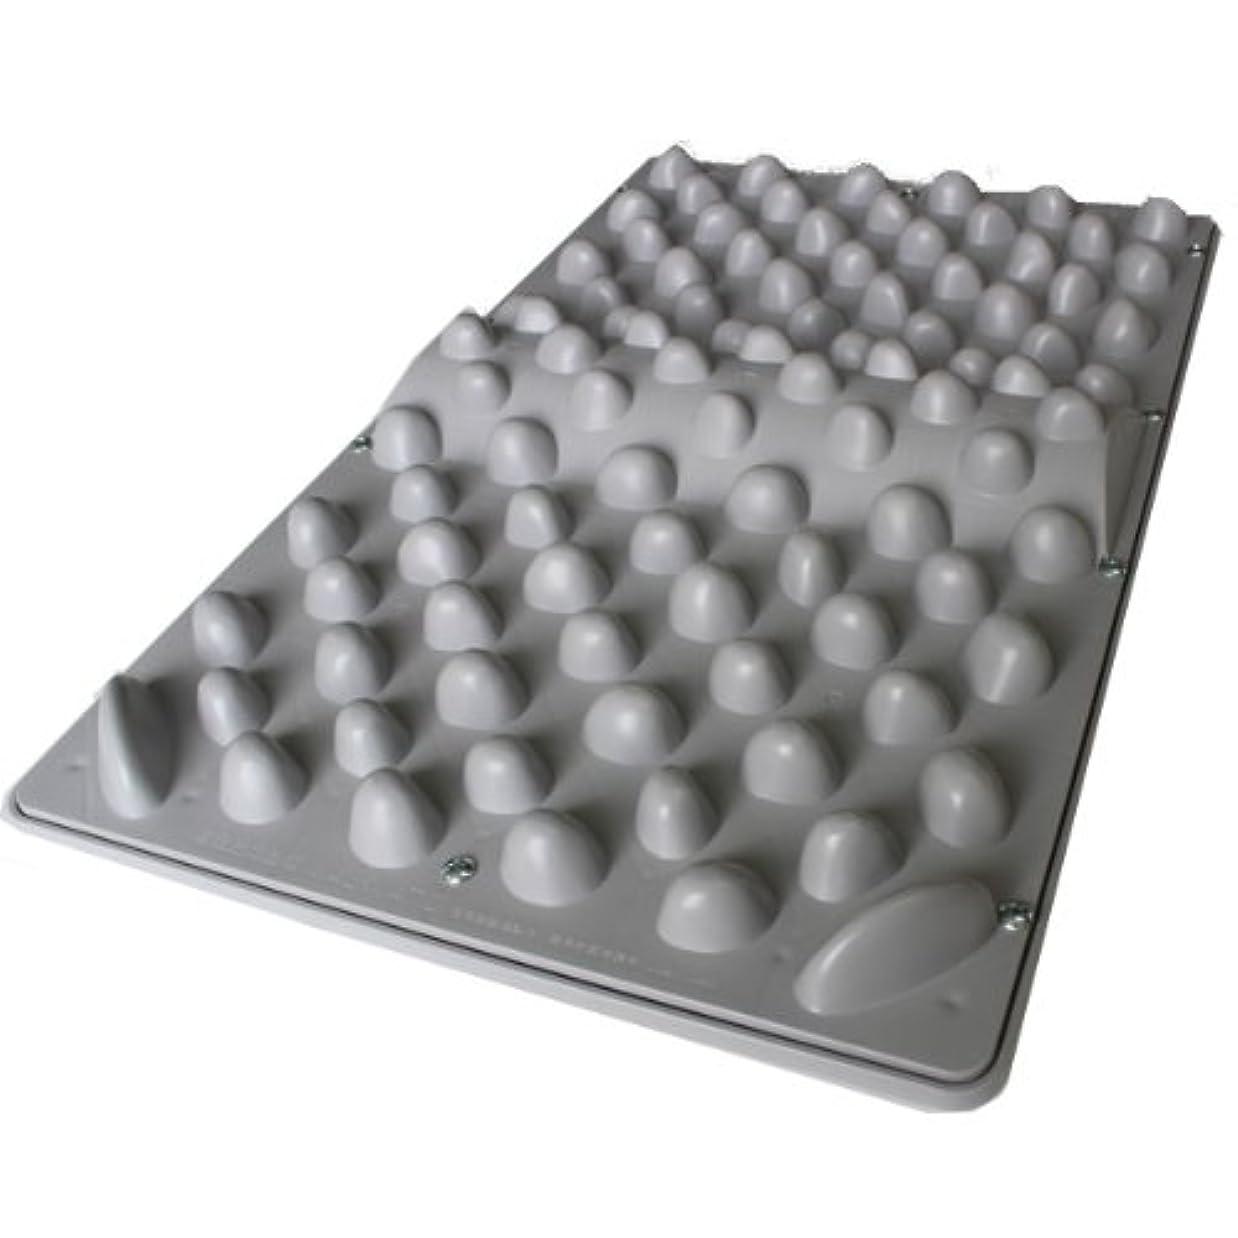 協会受賞意図官足法 ウォークマットⅡ 裏板セット(ABS樹脂製補強板付き)